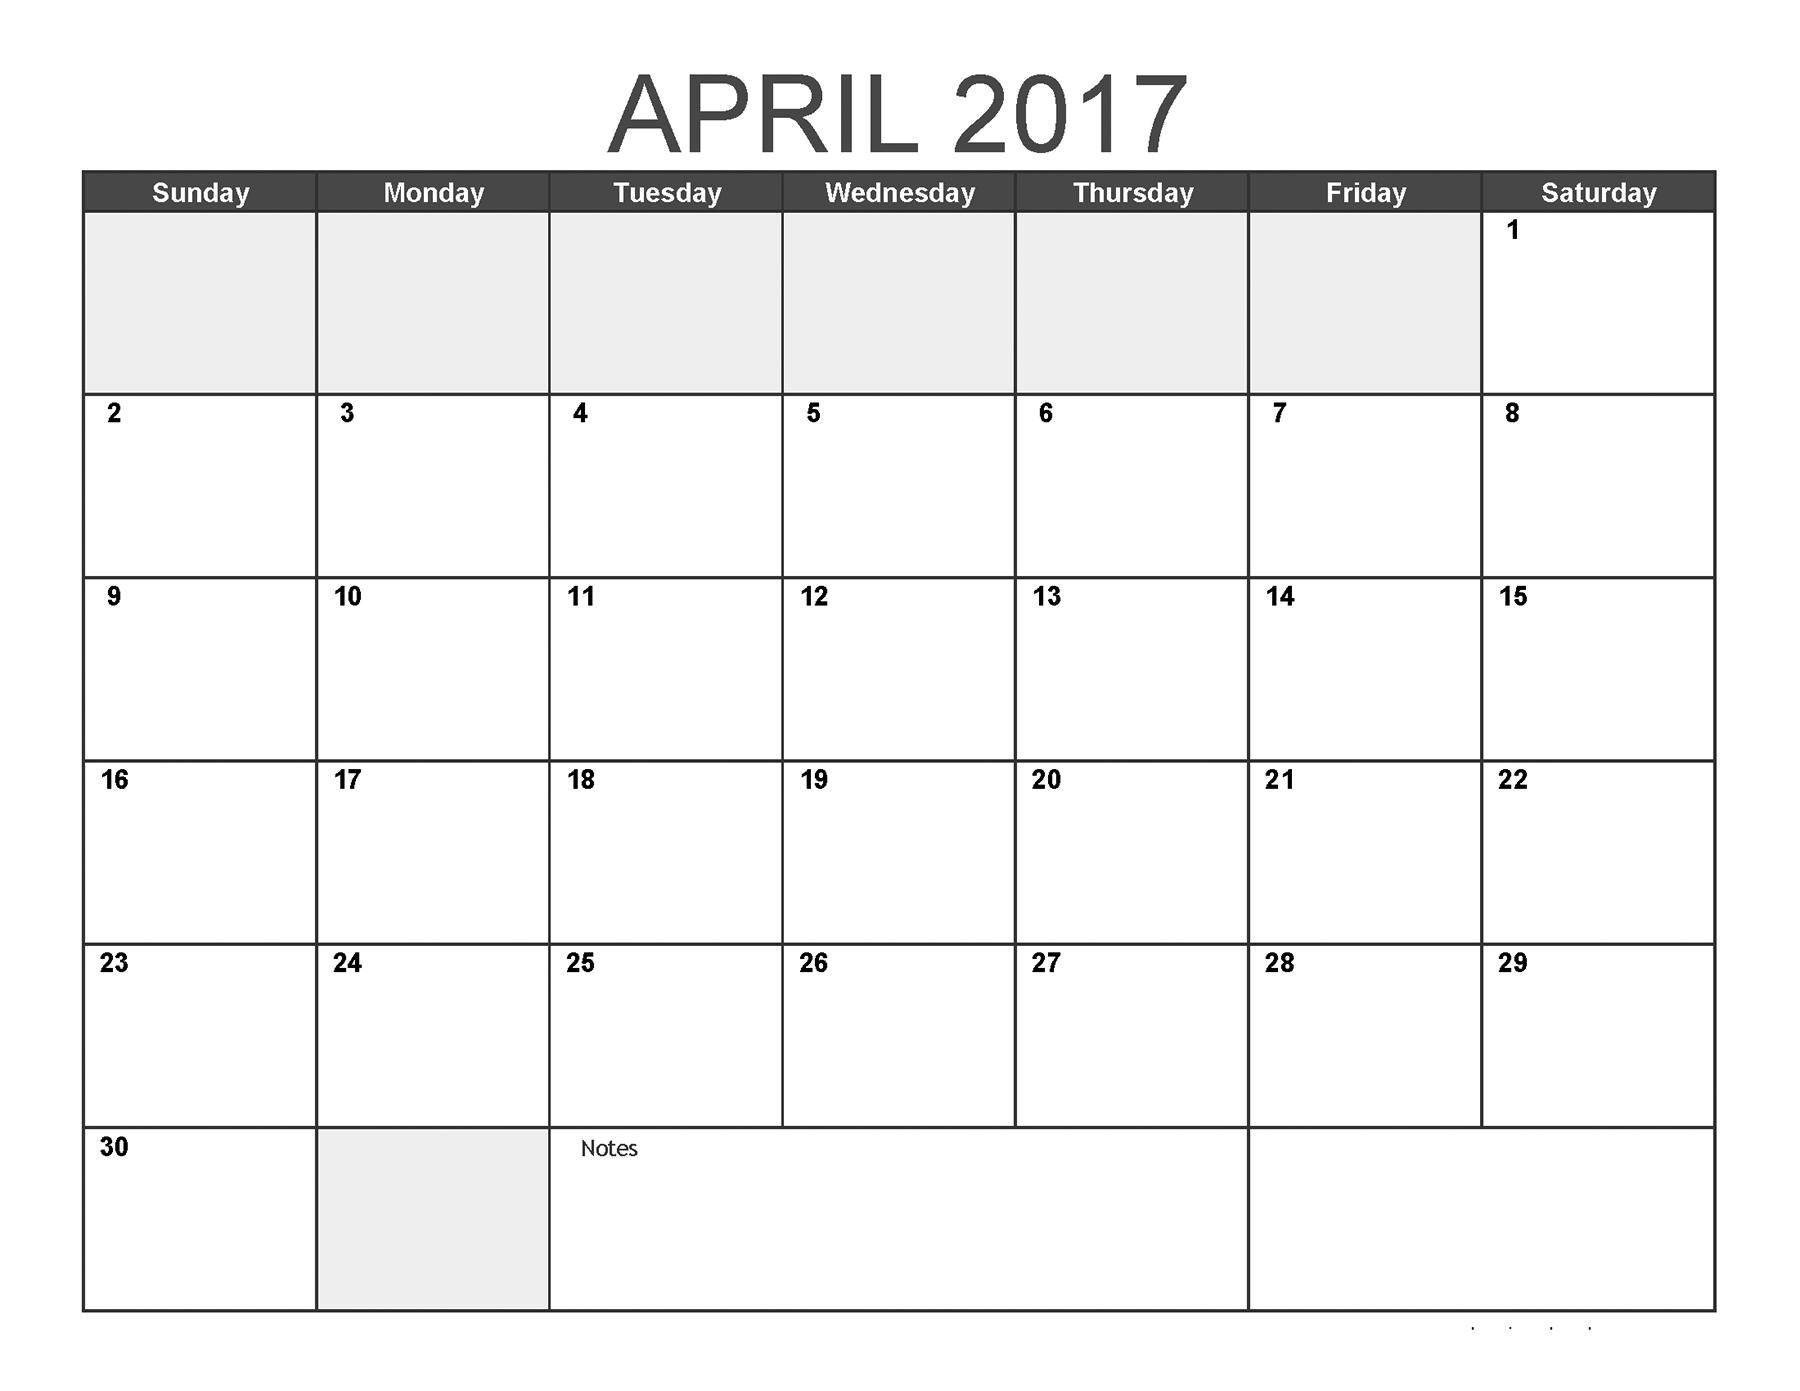 April 2017 Calendar - Printable April 2017 Calendar Templates #april2017 regarding Monthly Calendar Template Novb